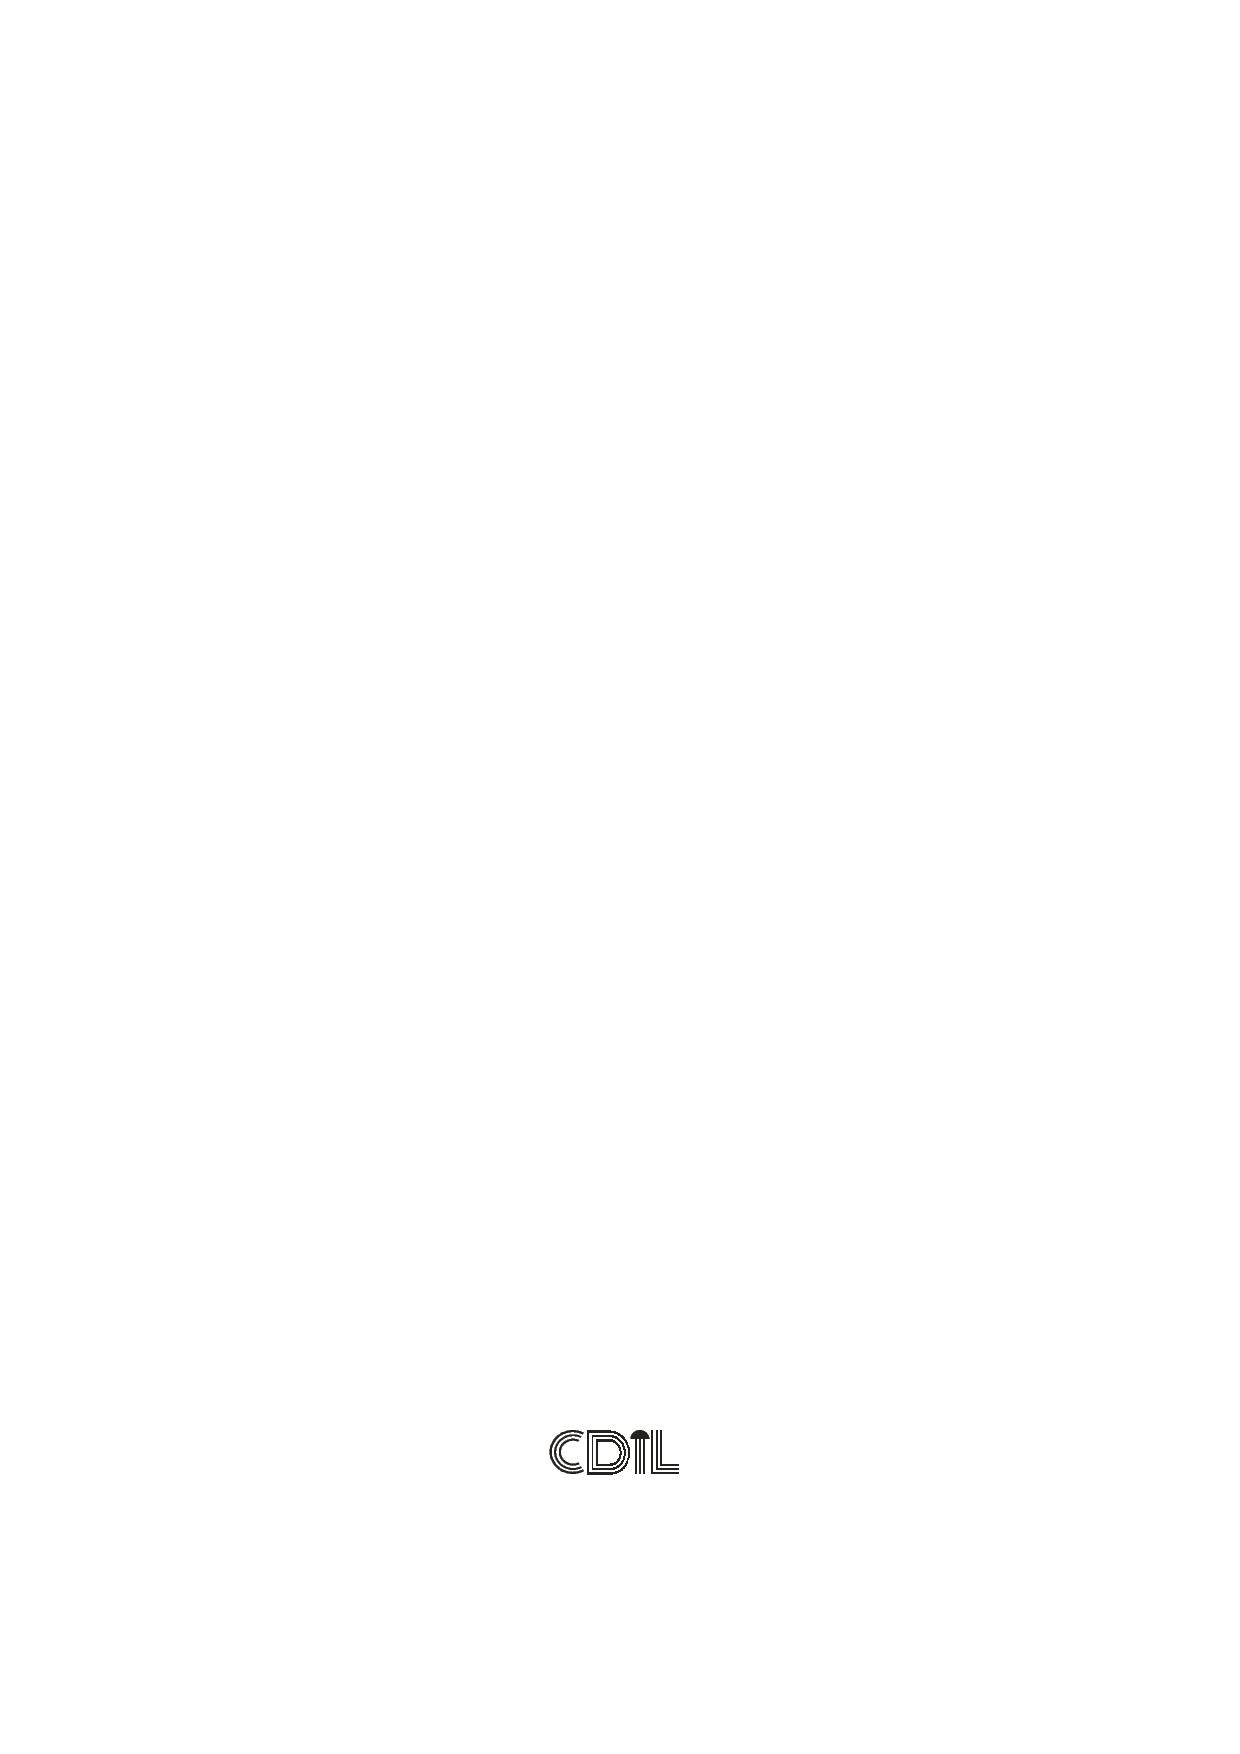 BC300 pdf, ピン配列